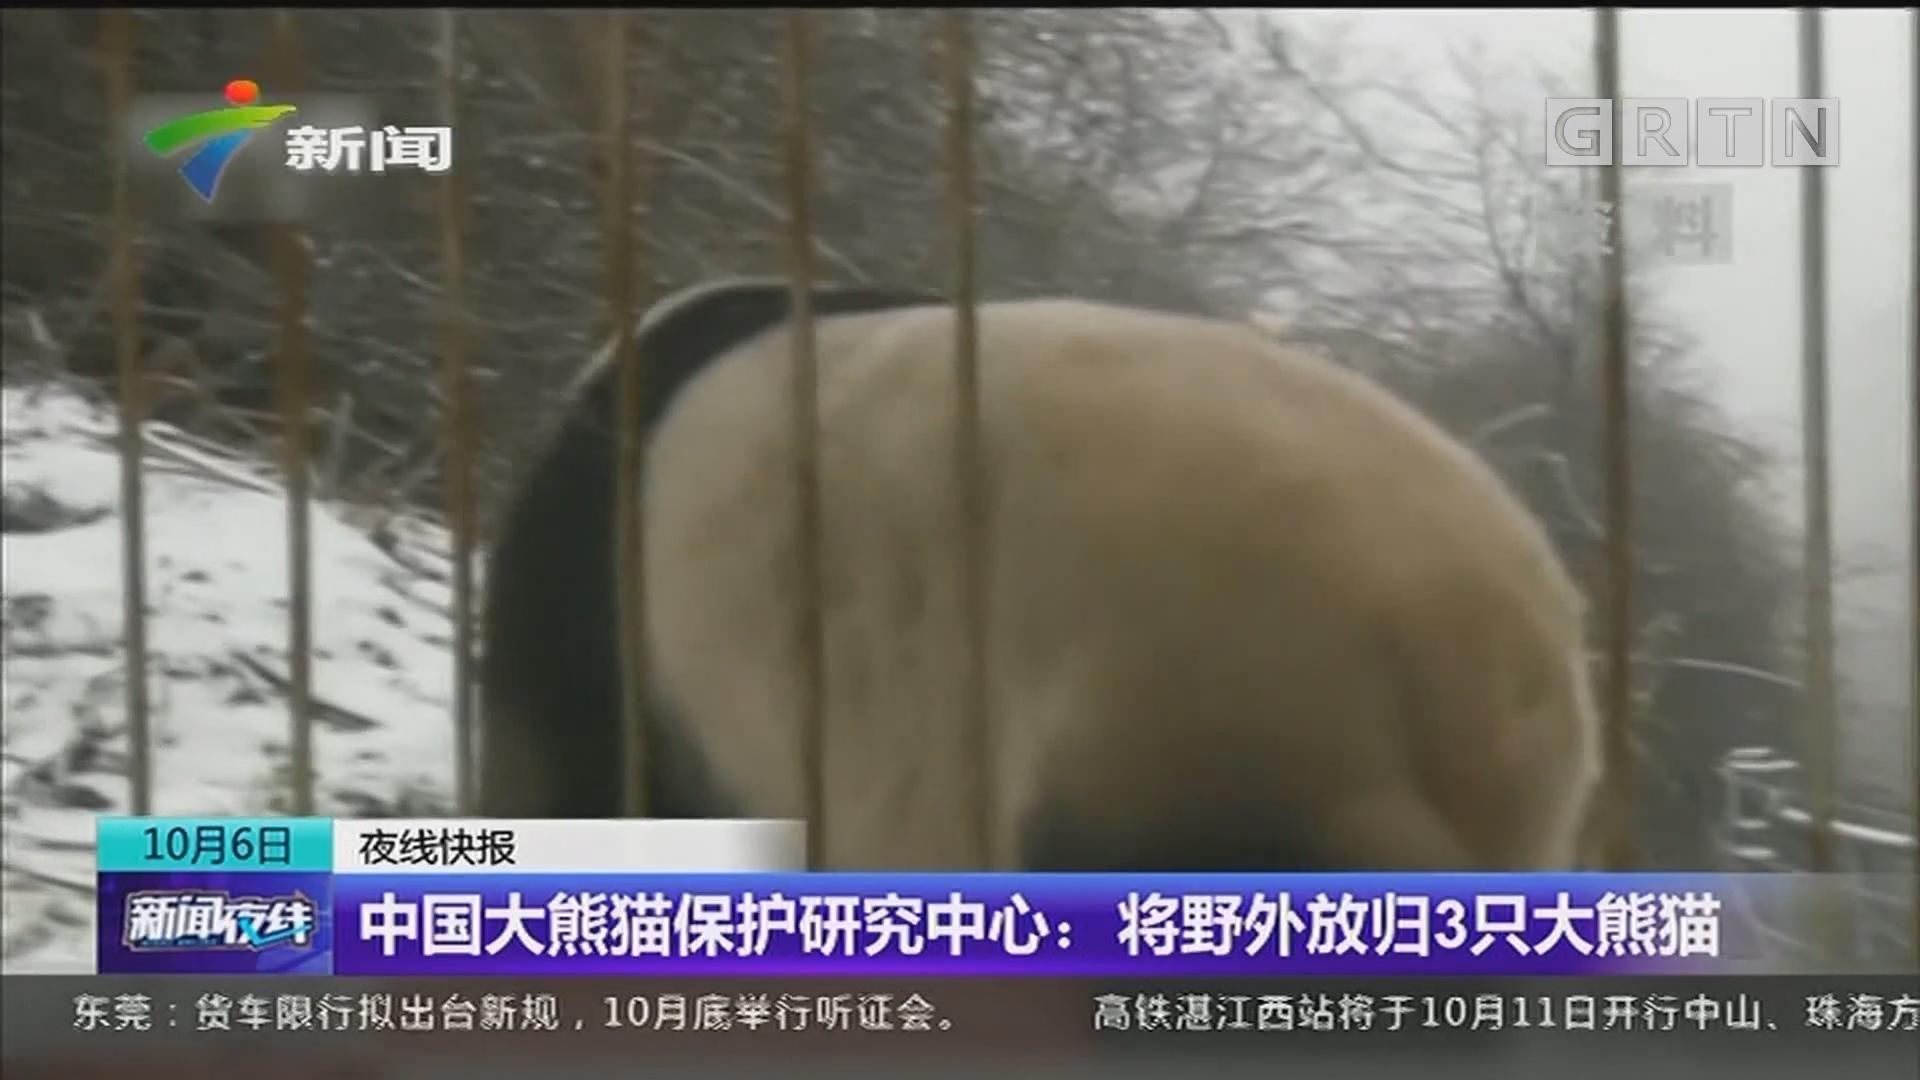 中国大熊猫保护研究中心:将野外放归3只大熊猫